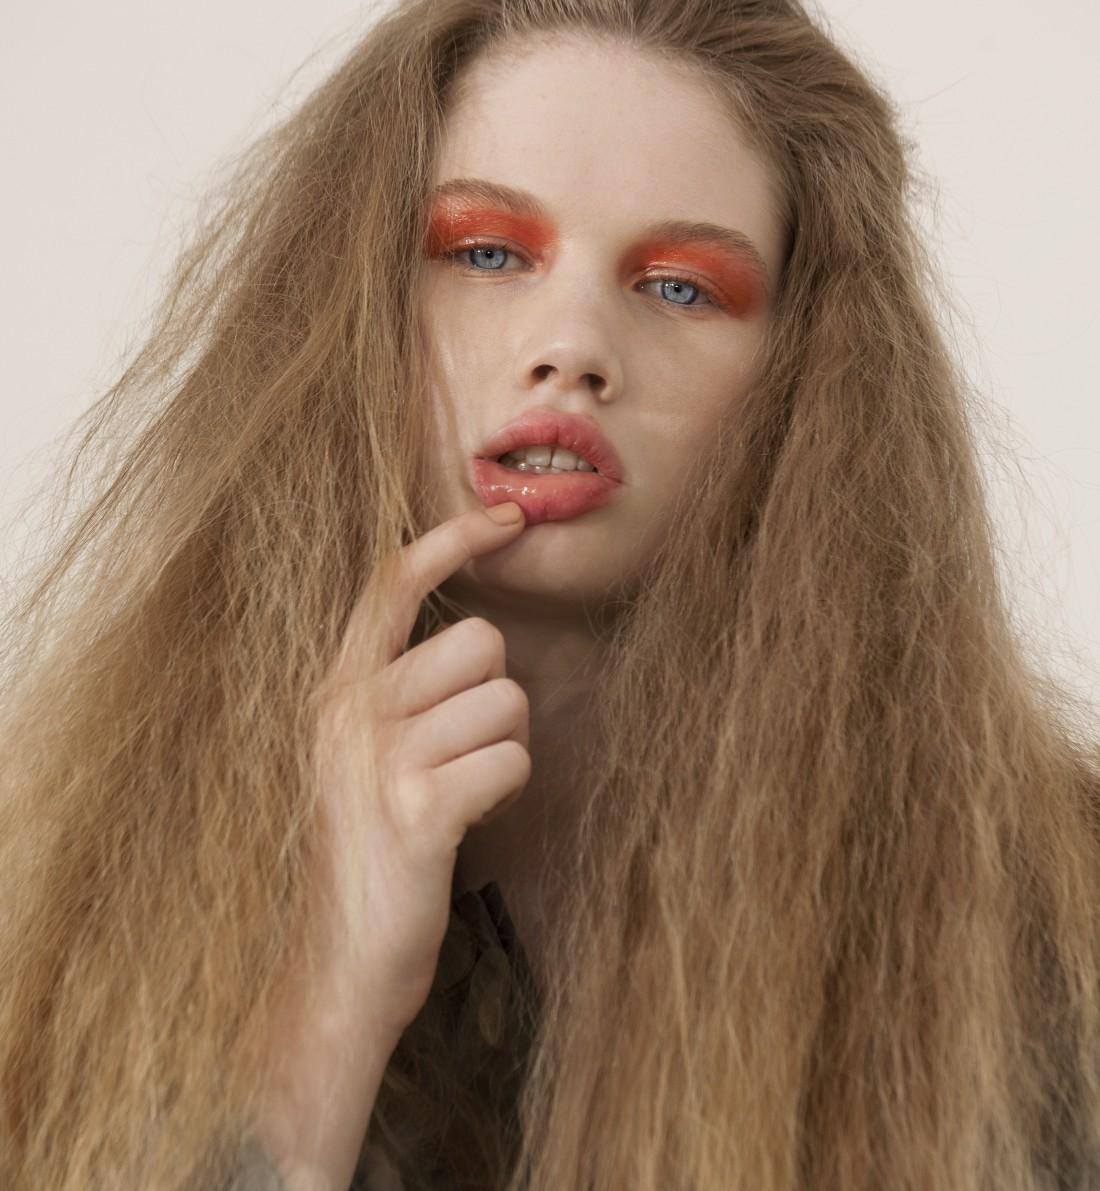 Milly photographed by Karen Inderbitzen Waller & Delphine Avril Planqueel for Black Magazine, Hair by Matt Benns, MUA by Lochlain Stonehouse